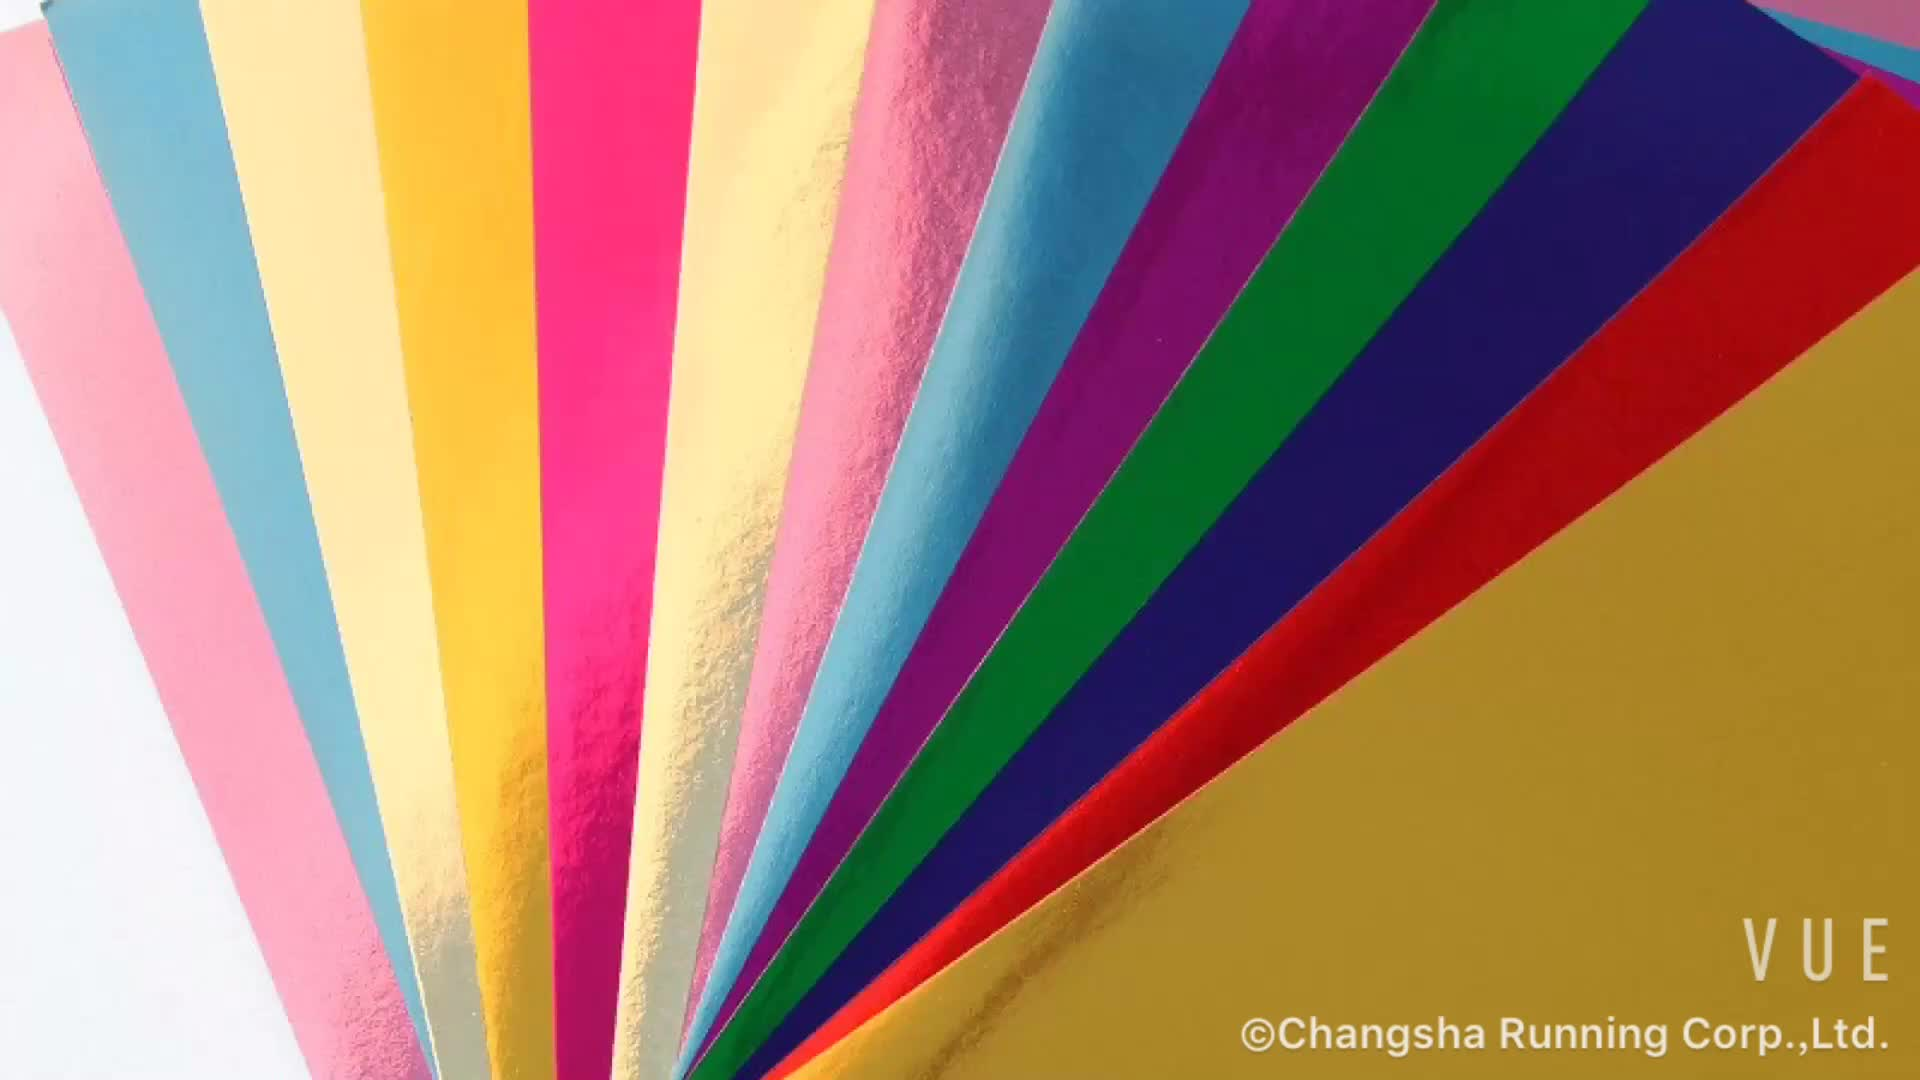 メタリック段ボール中国製造色メタリック紙